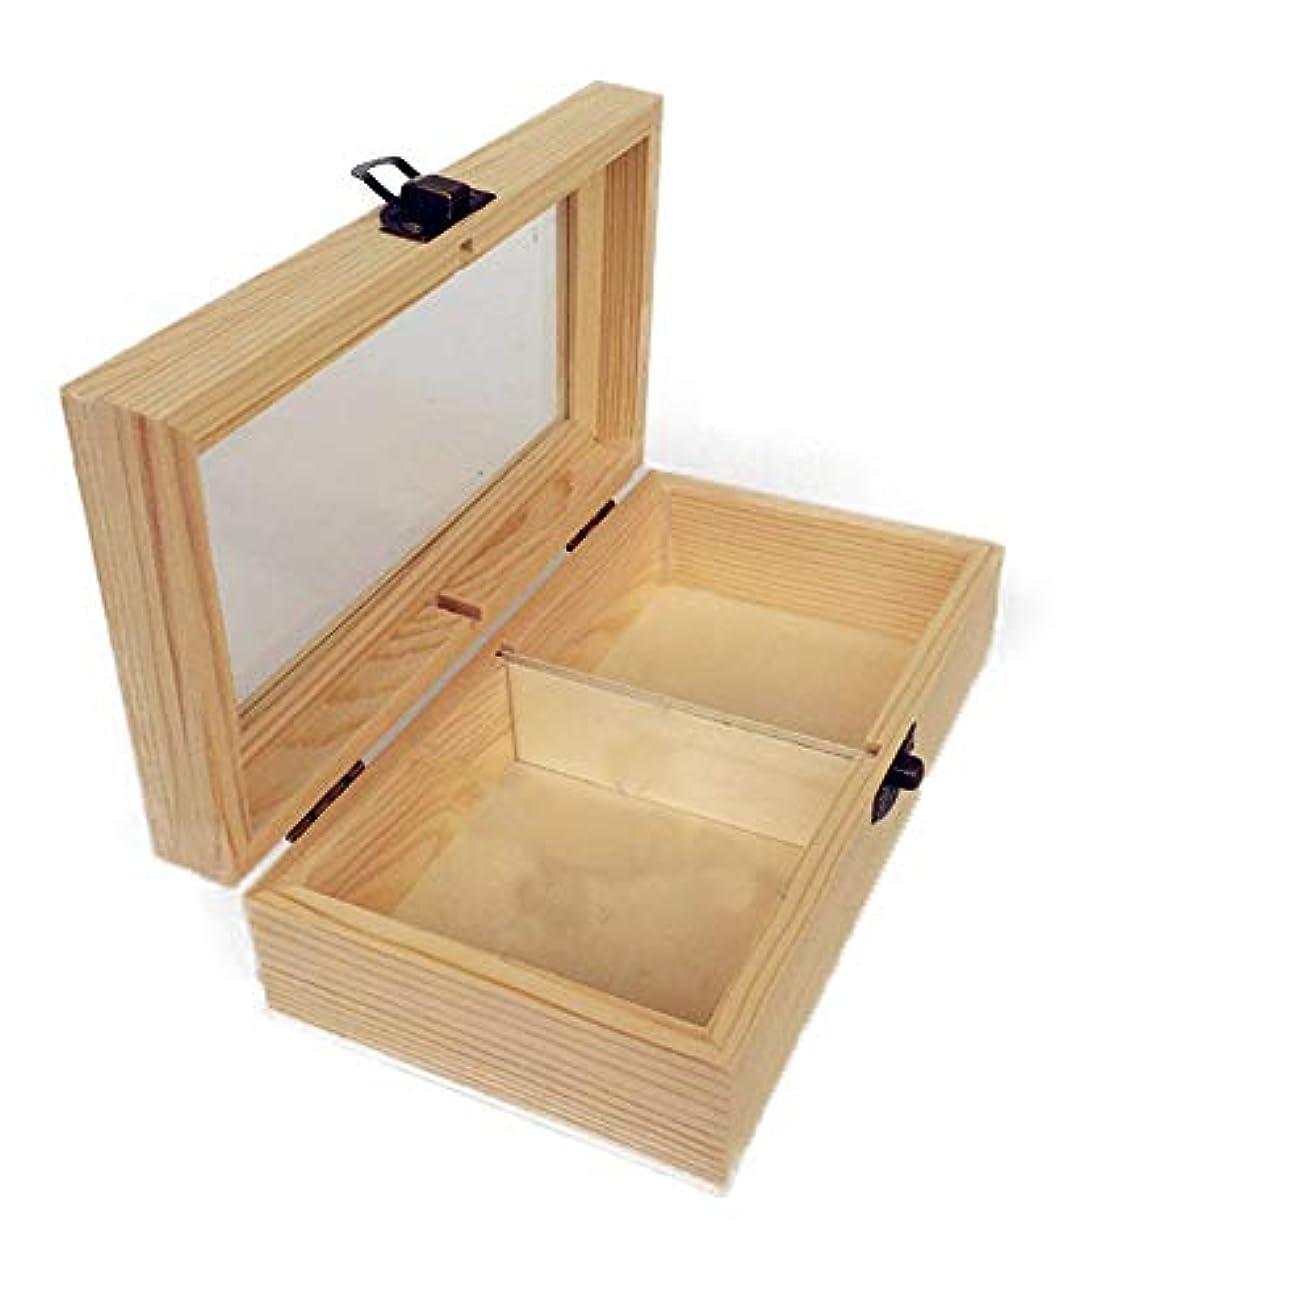 過言タイムリーな順応性のあるプレゼンテーションのために手作りの木製ギフトボックスパーフェクトエッセンシャルオイルケースにエッセンシャルオイルは、被害太陽光からあなたの油を保護します アロマセラピー製品 (色 : Natural, サイズ : 18X10X5.5CM)